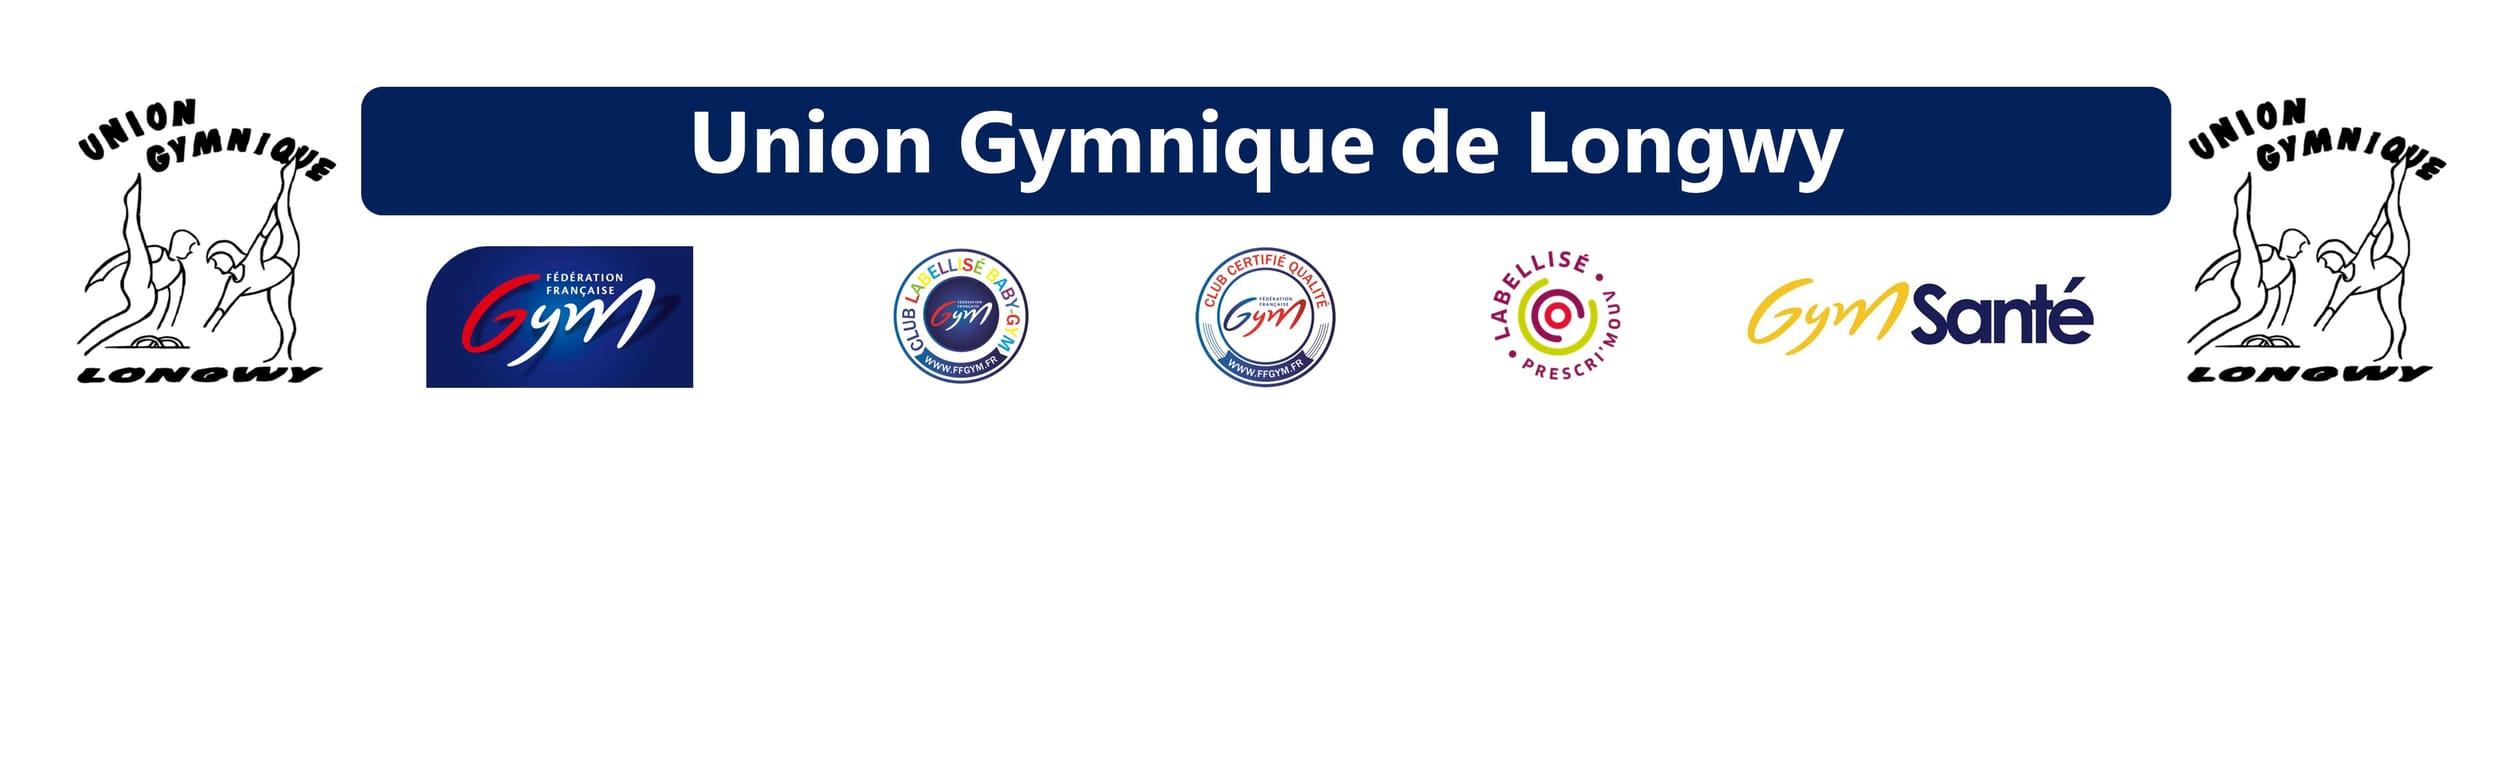 Union Gymnique de Longwy